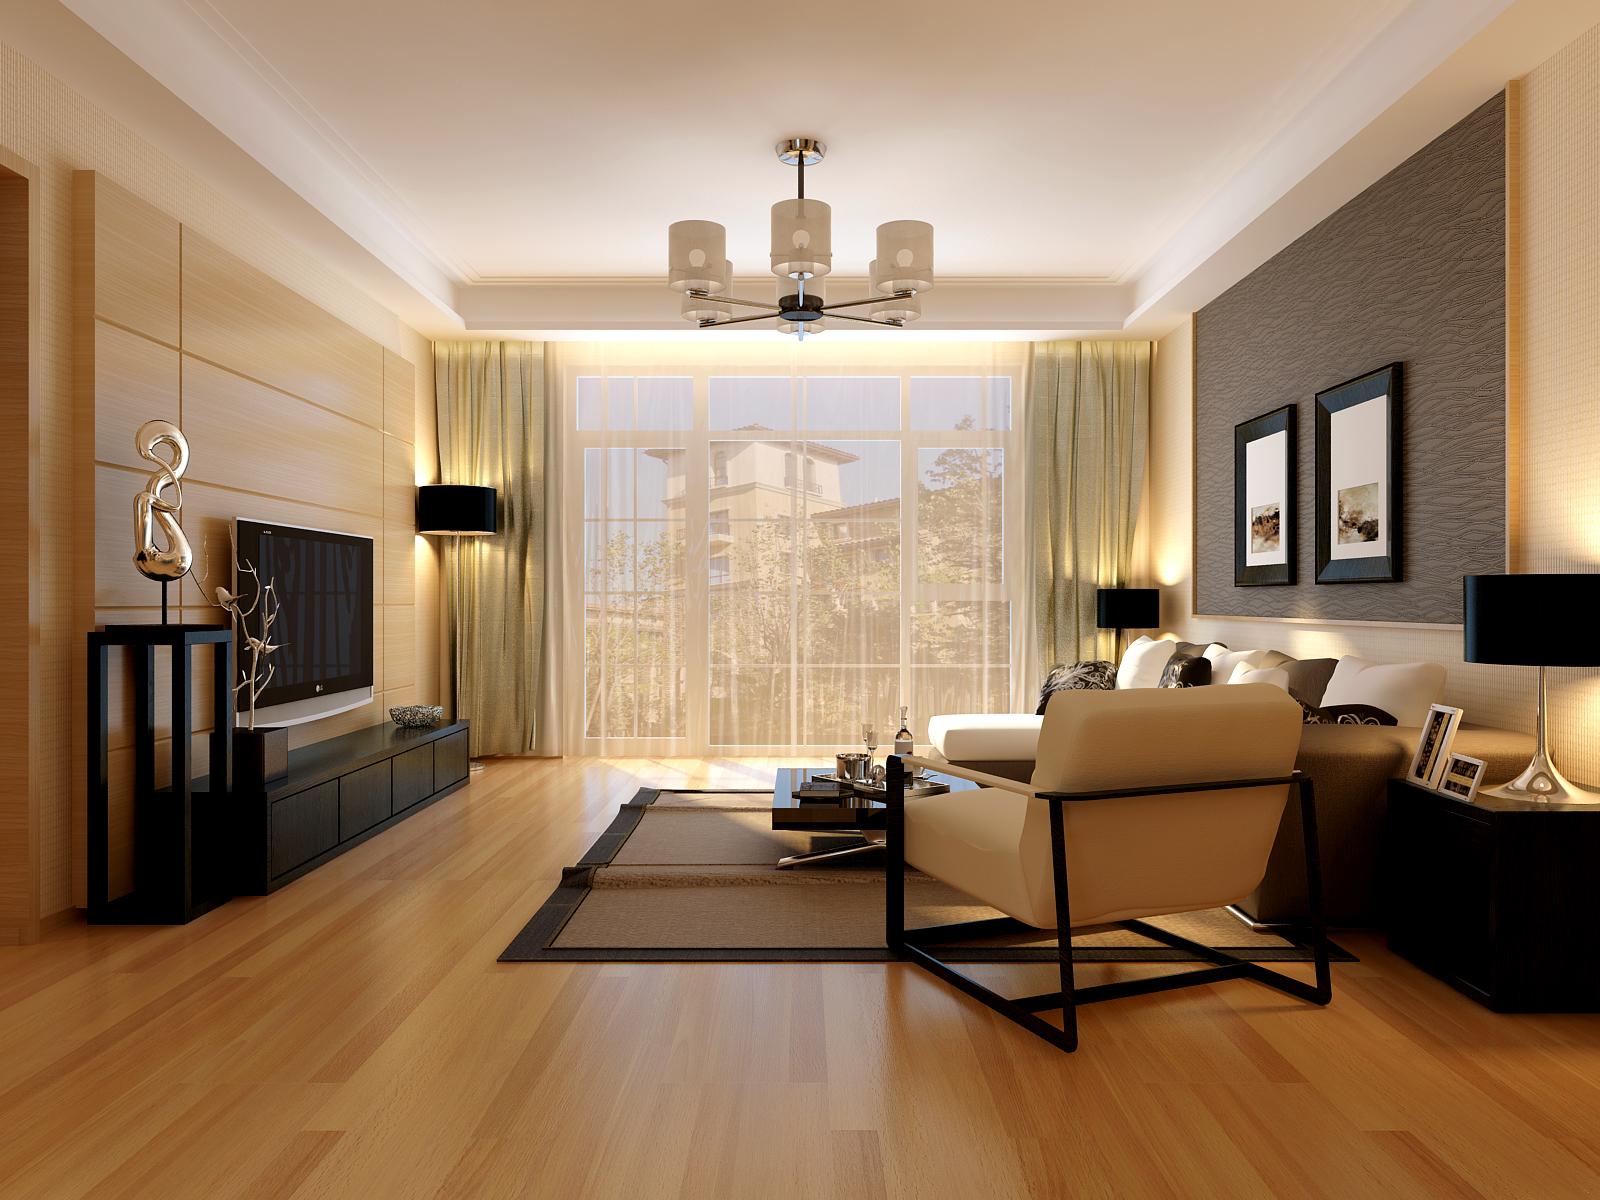 华龙美树 三室一厅一卫装修案例效果图 88平米设计 高清图片